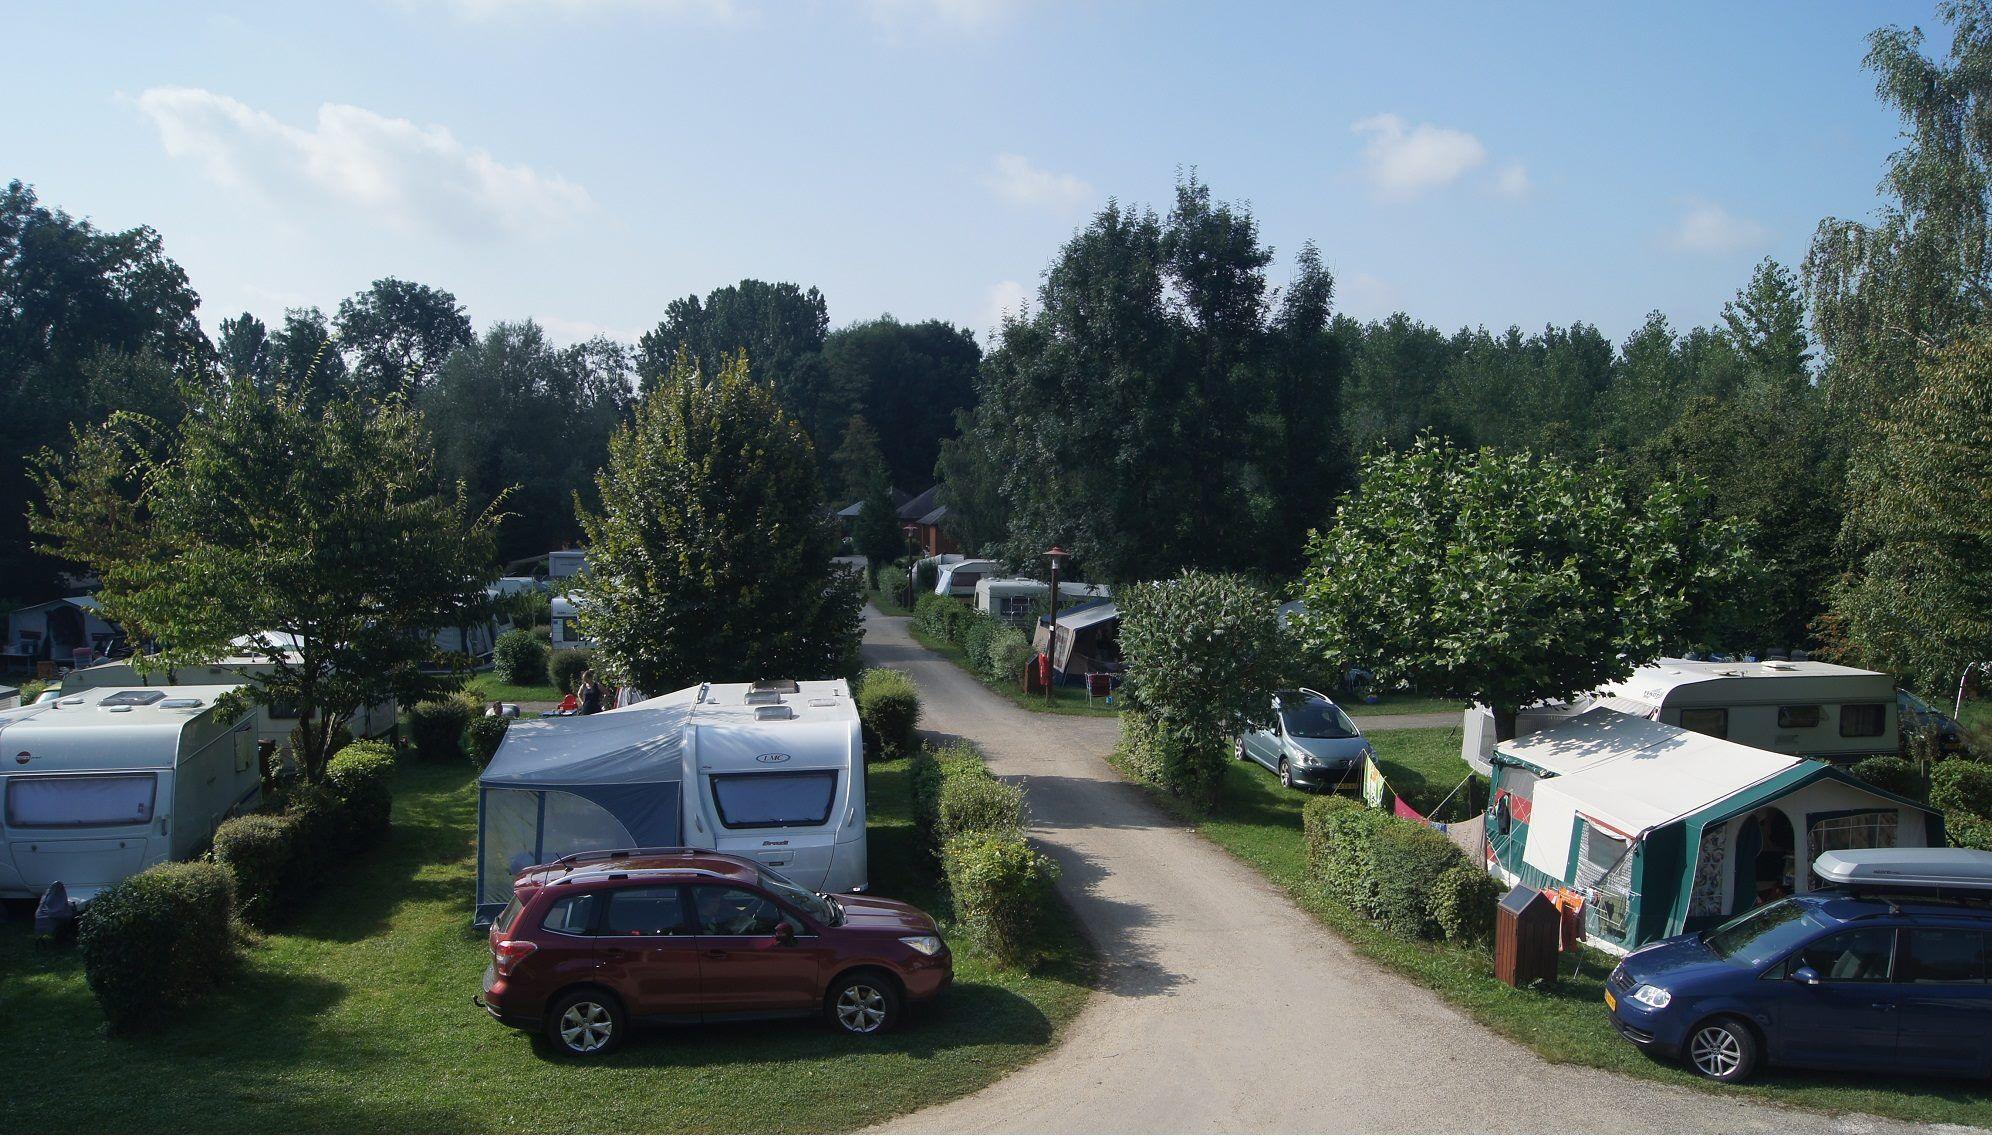 Kamperen In De Franse Ardennen Kampeerproducten Voor Caravan En